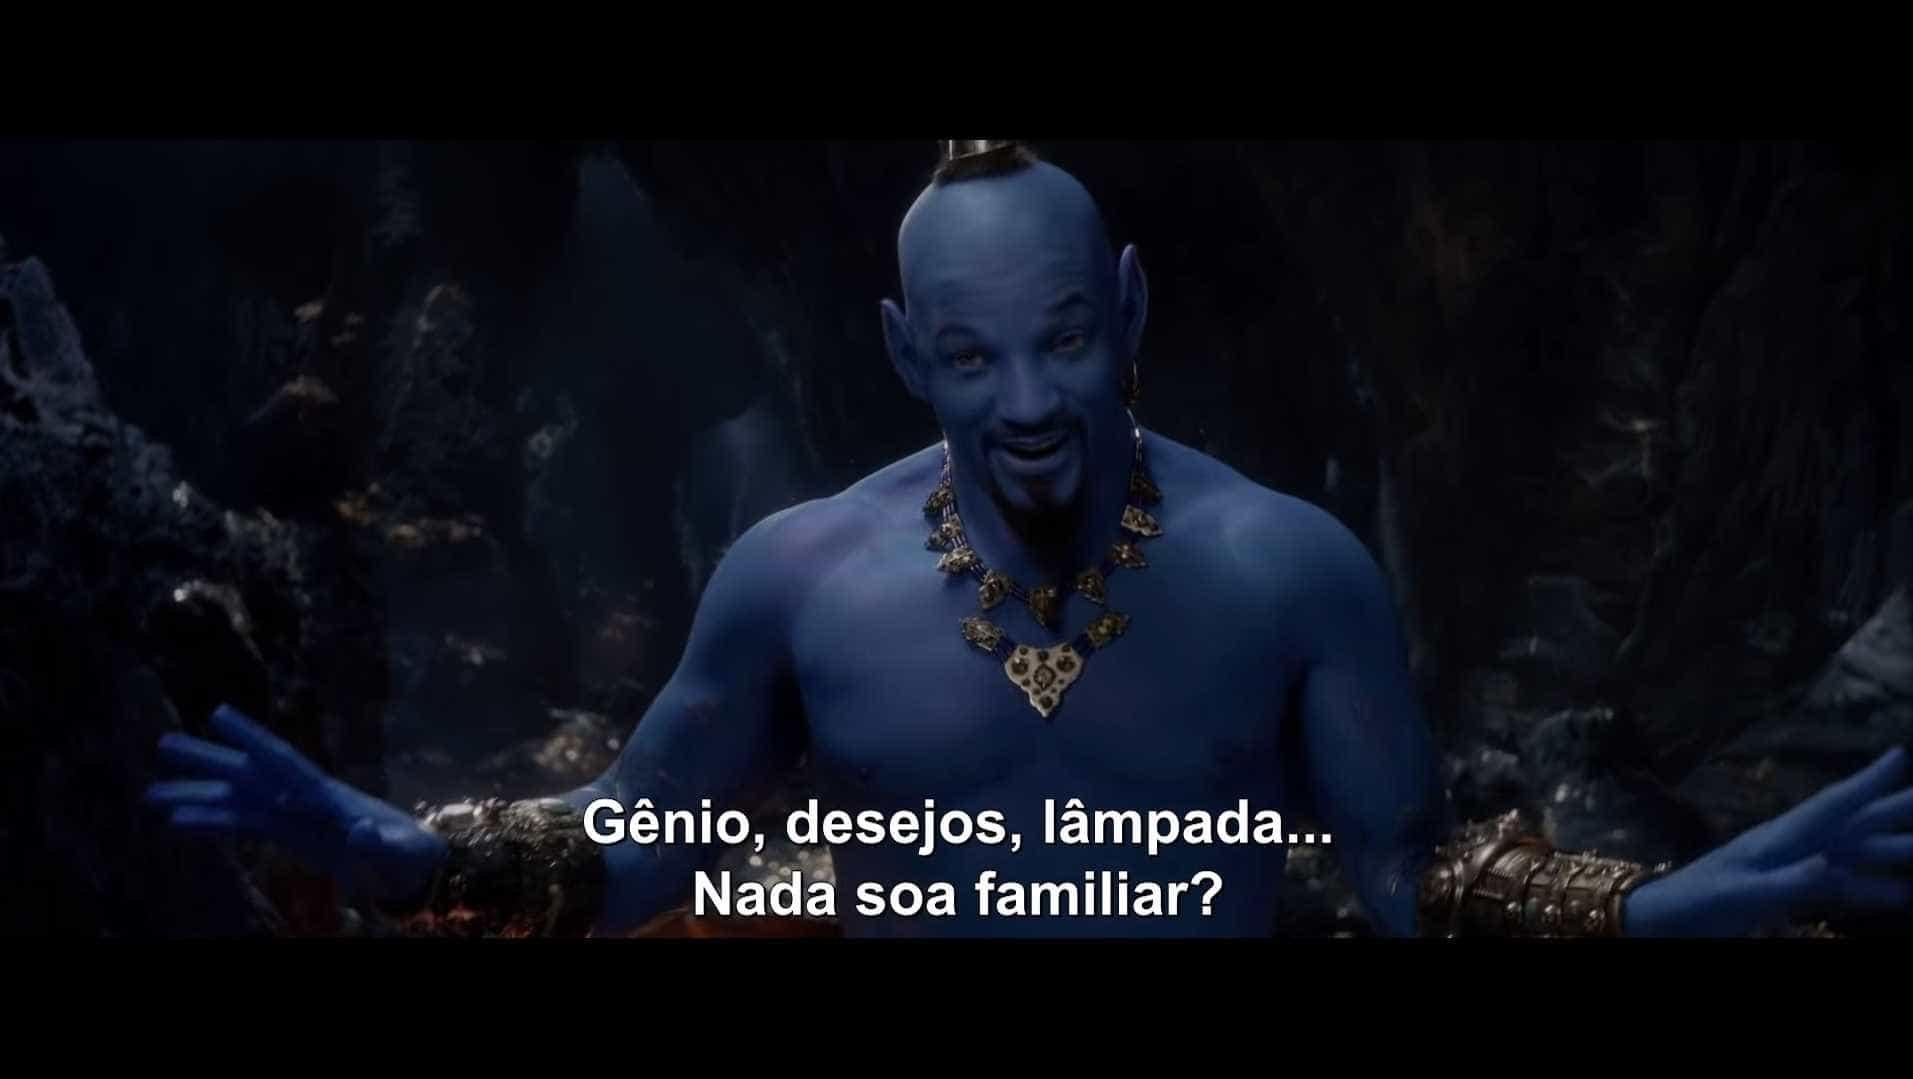 Disney lança teaser do live action de Aladdin com o 'gênio' Will Smith